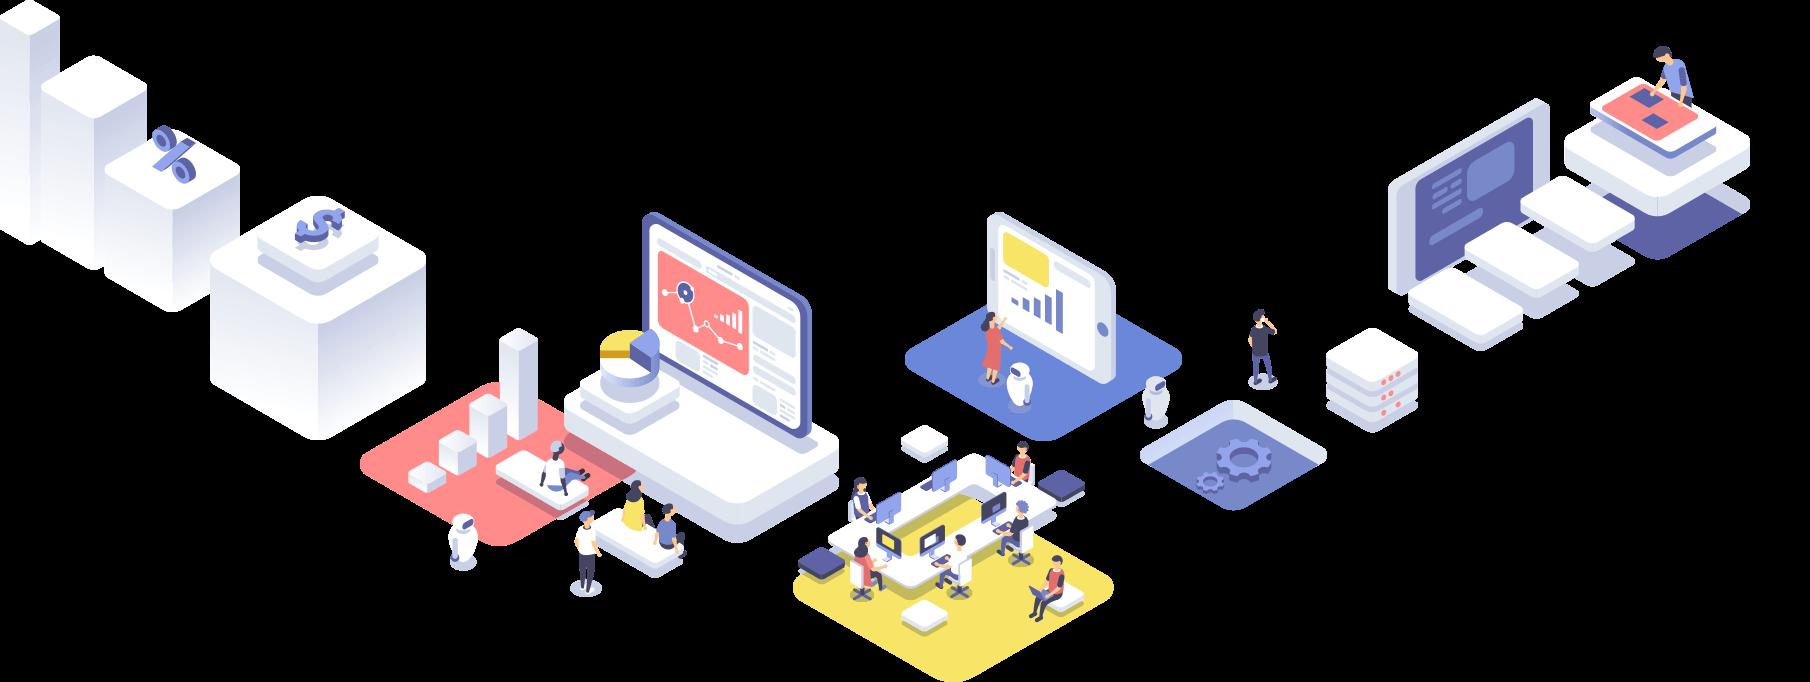 startup-03-image